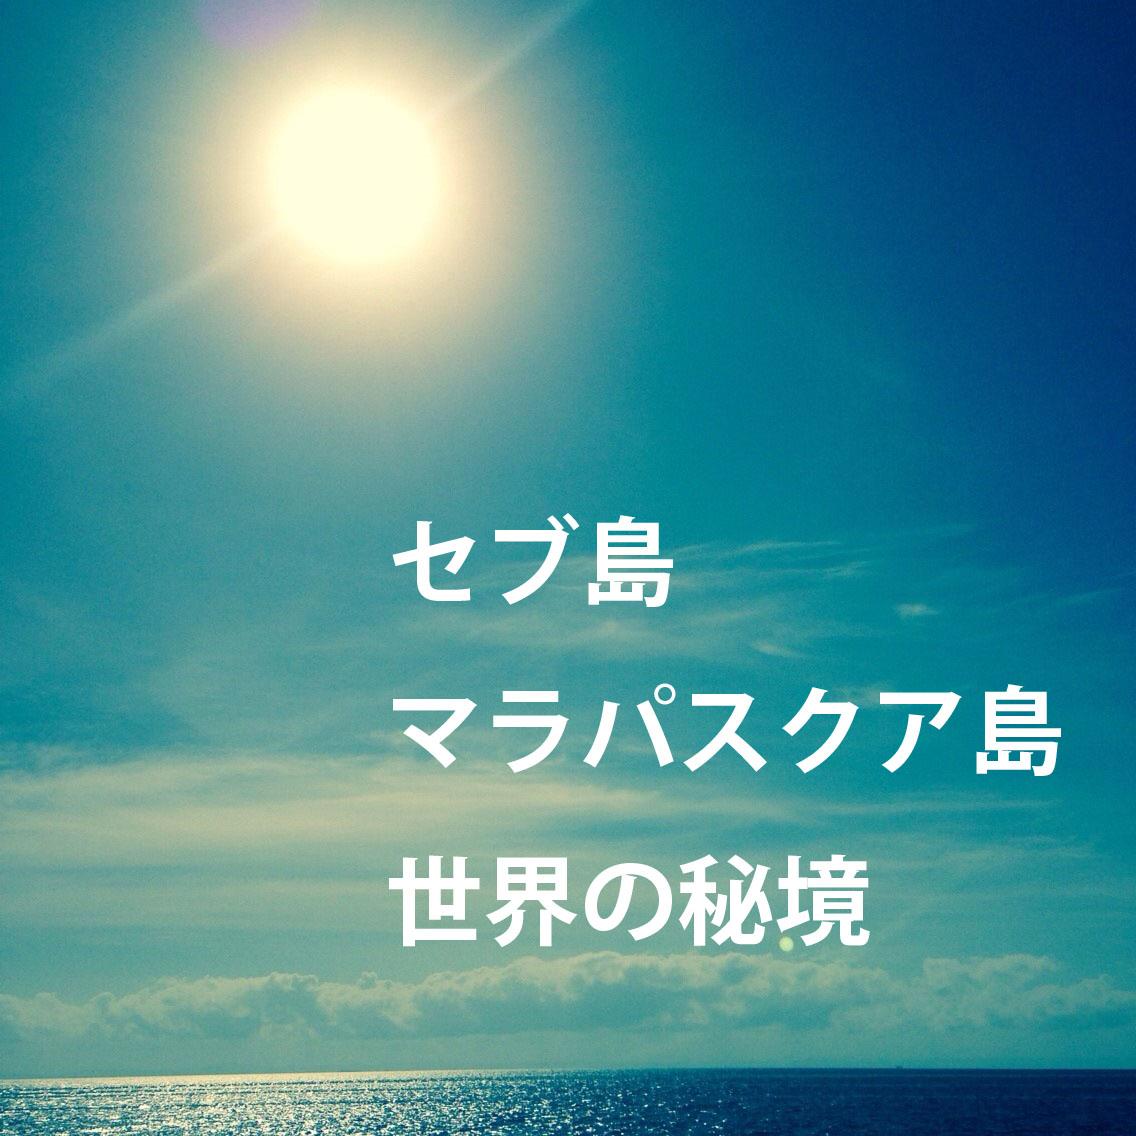 IMG_3744のコピー